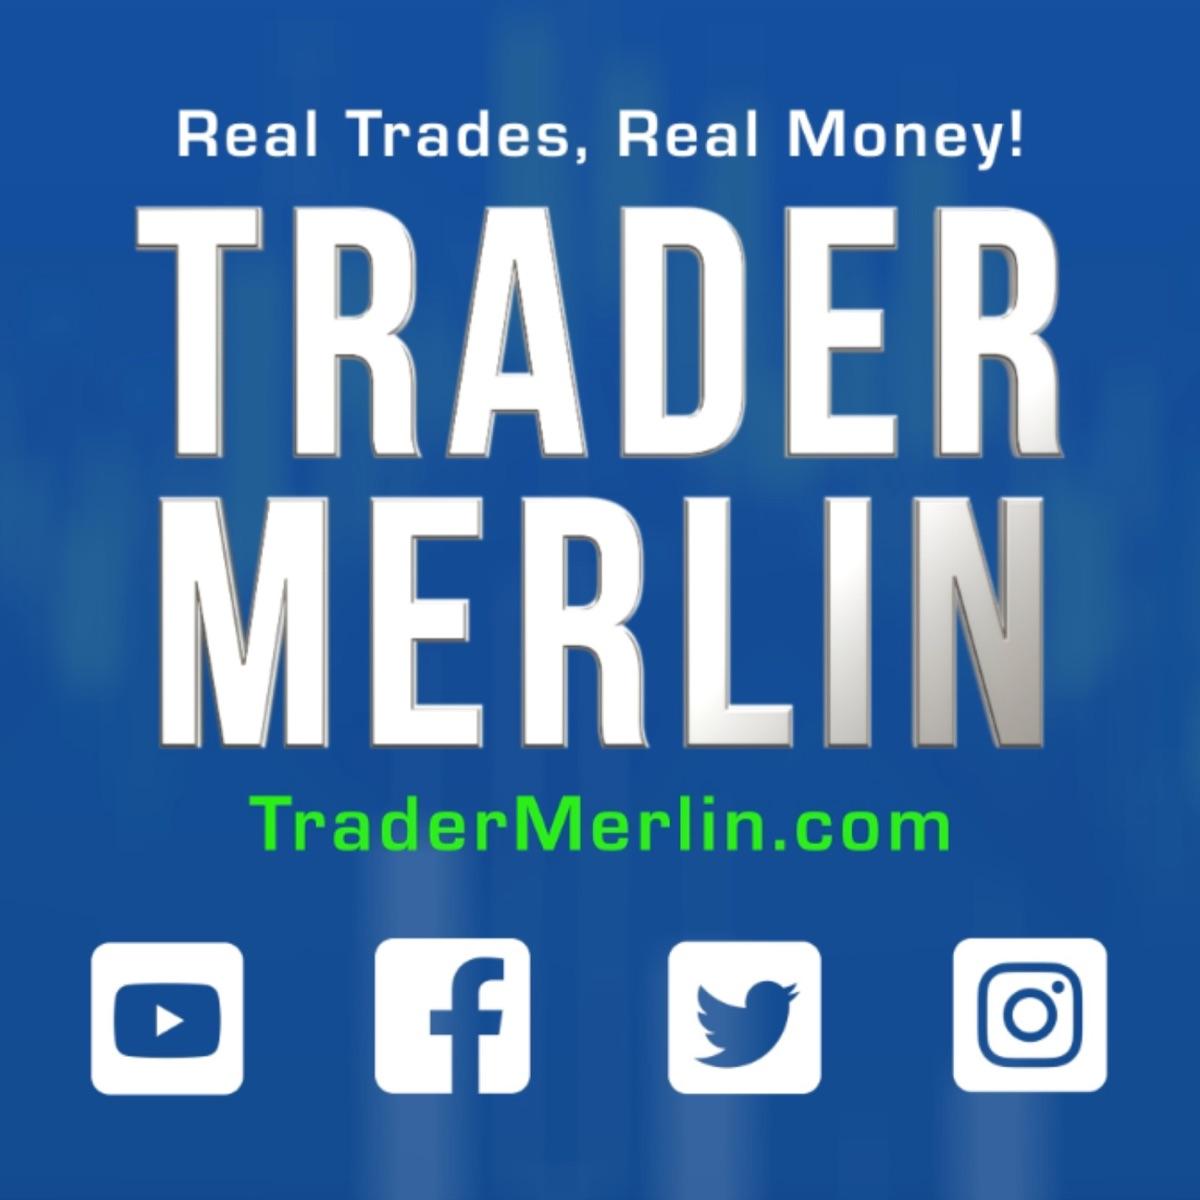 Trader Merlin